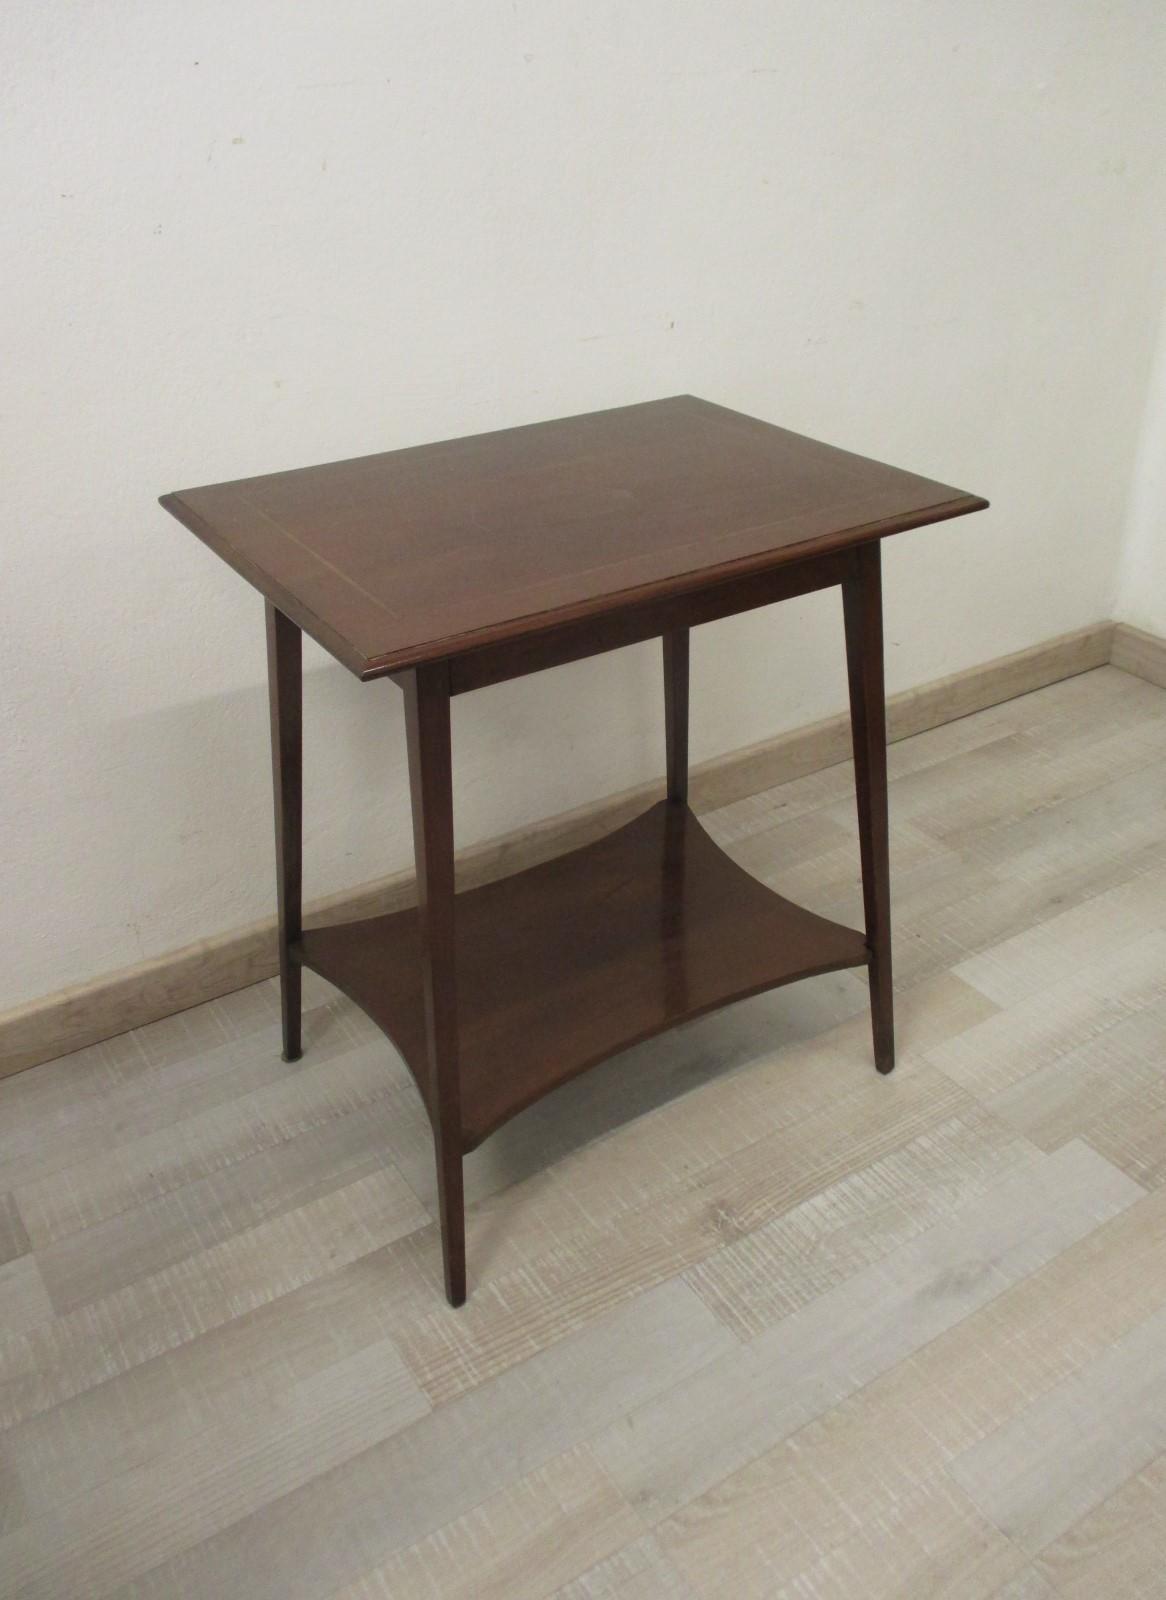 Tavolino inglese in mogano con ripiano - mobiletto - comodino - primi 900 |  Antiquariato su Anticoantico